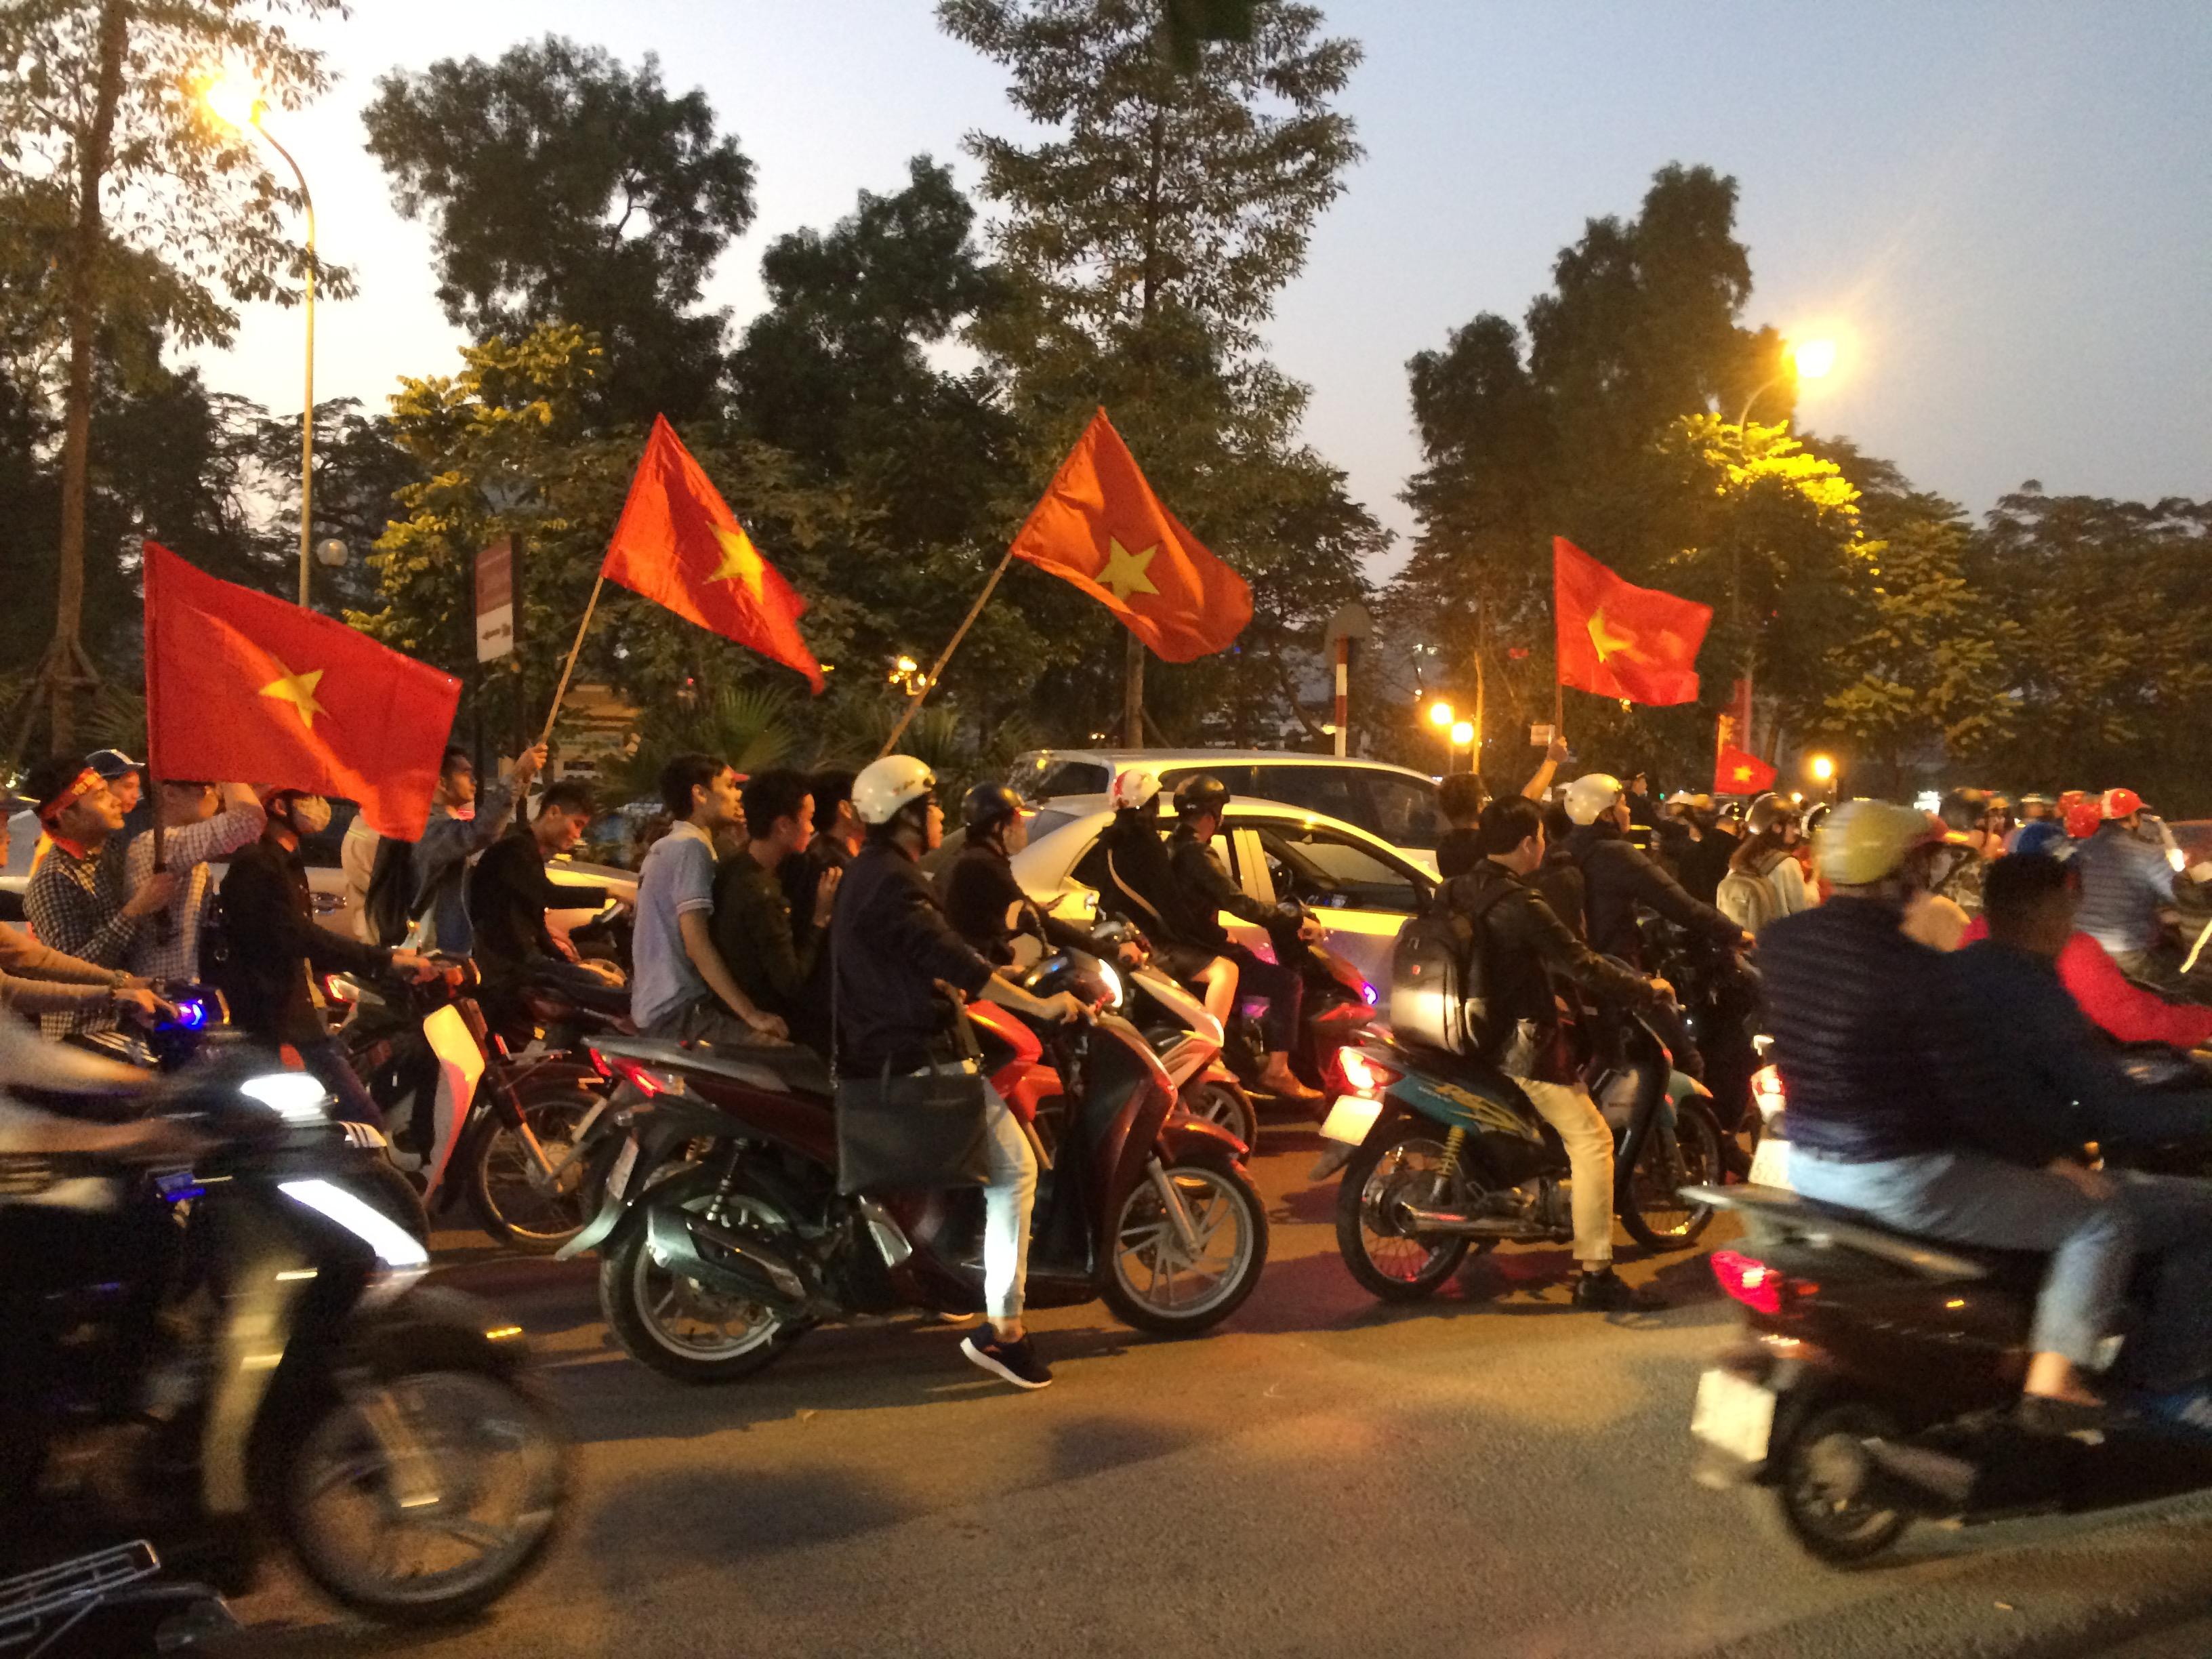 ベトナム人の若きパワー炸裂!